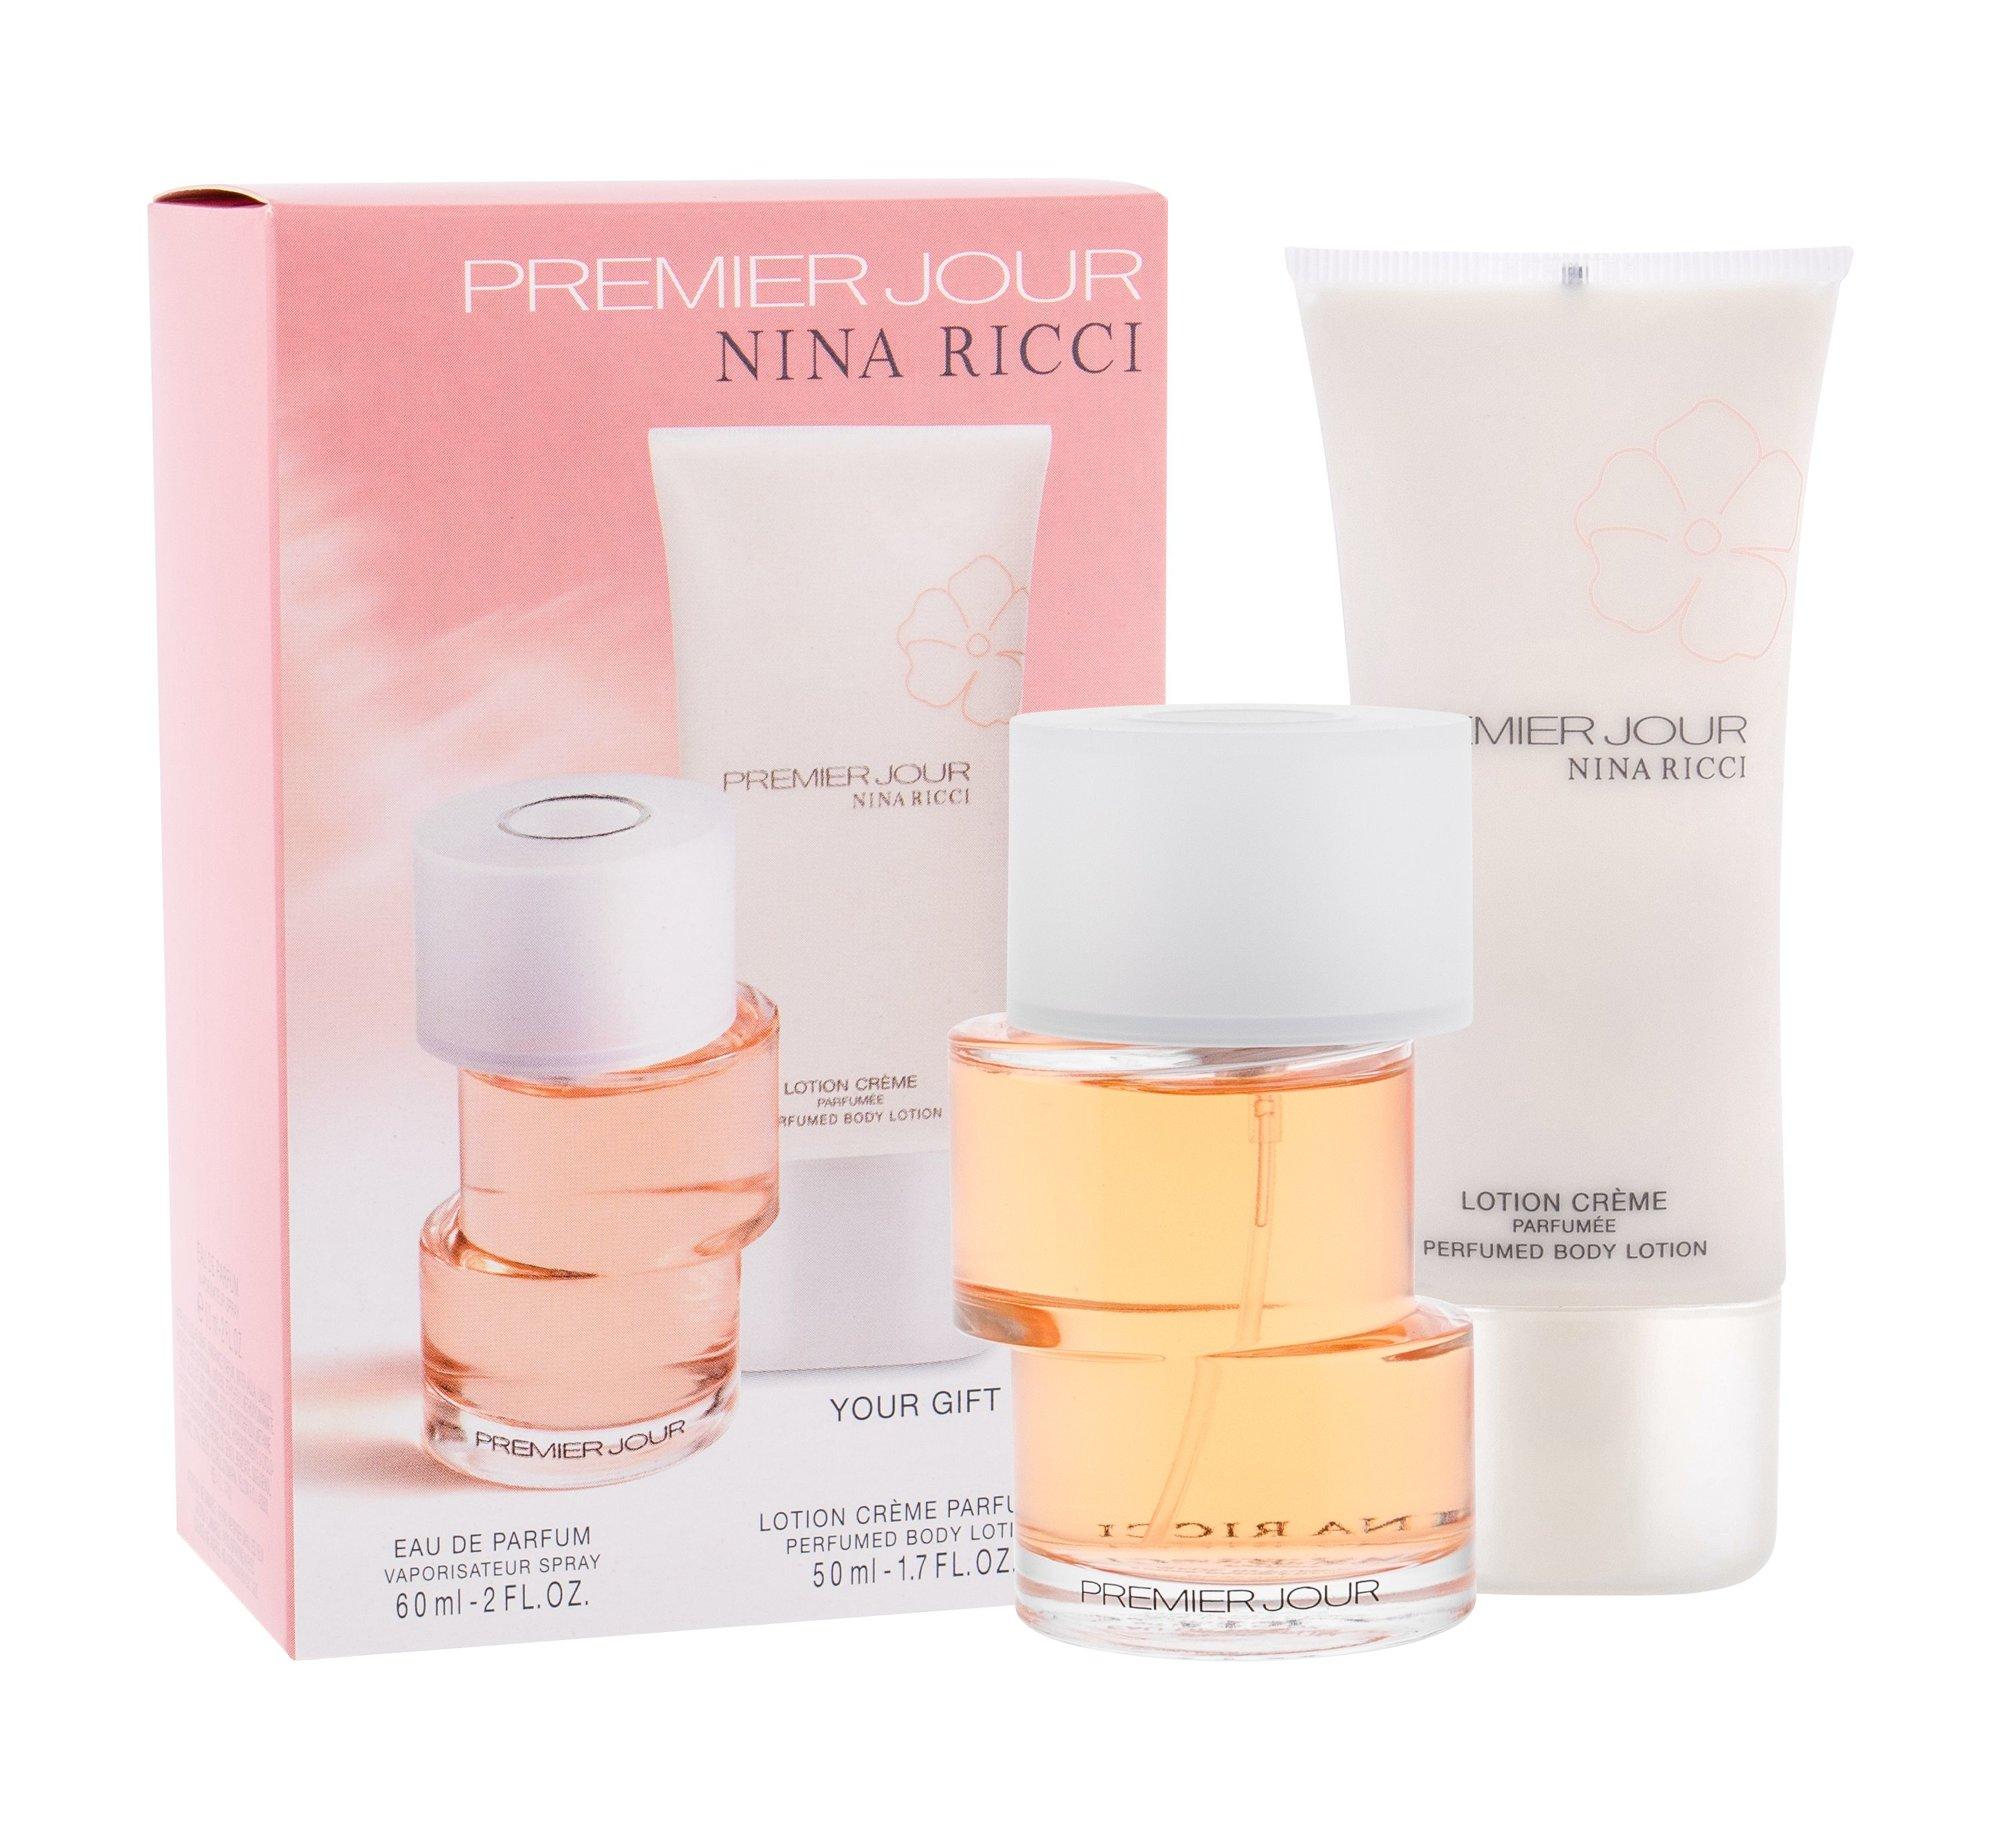 Nina Ricci Premier Jour Eau de Parfum 60ml